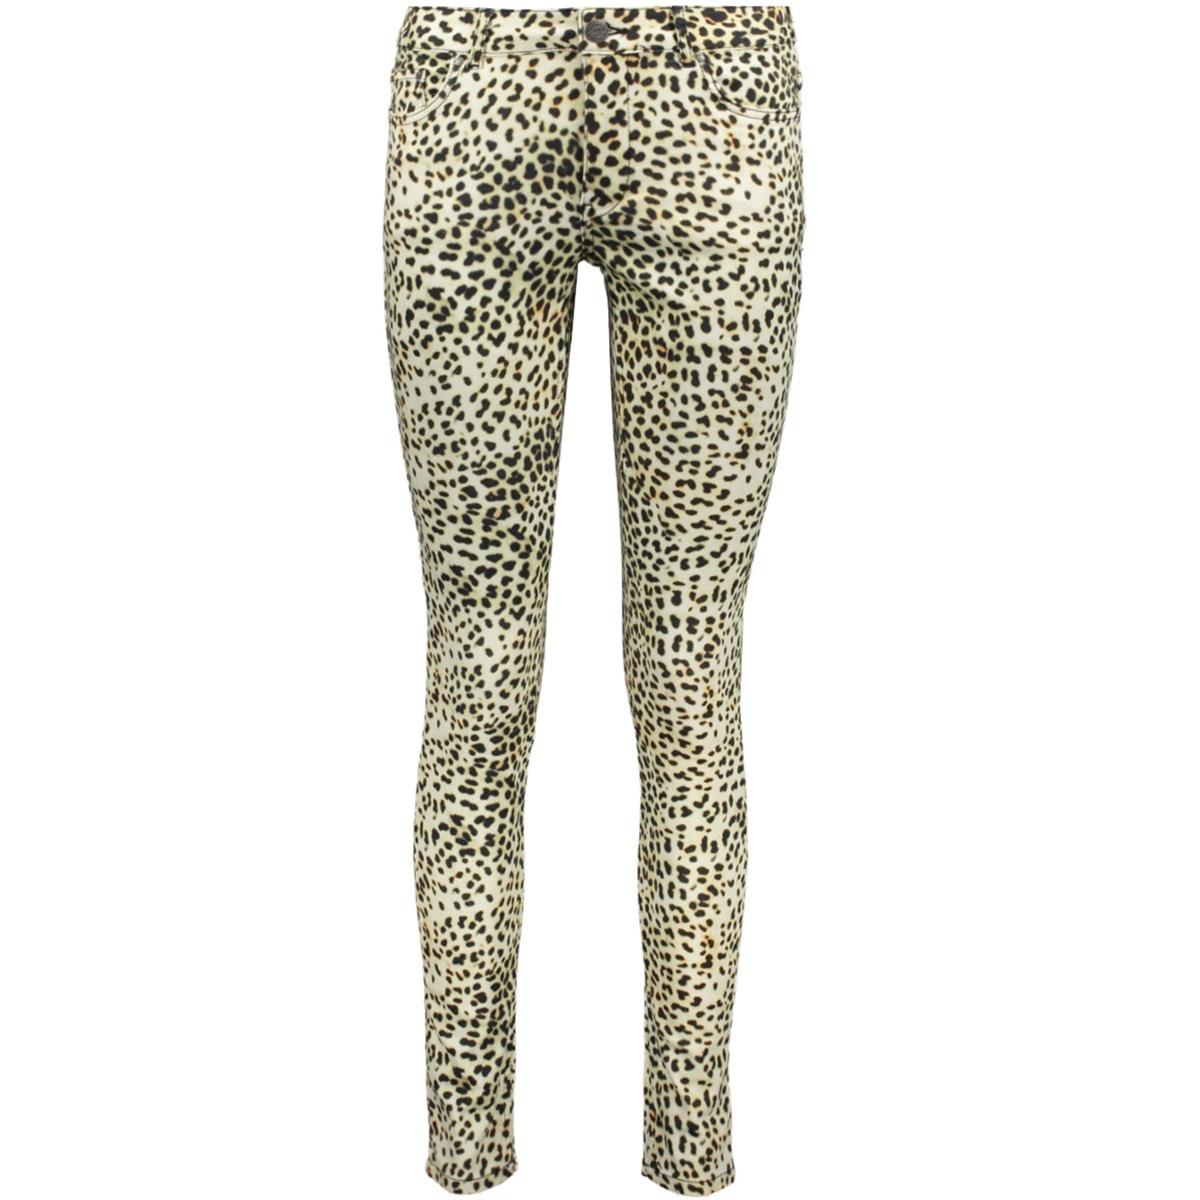 leopard jeans 91068 geisha jeans off-white/black combi